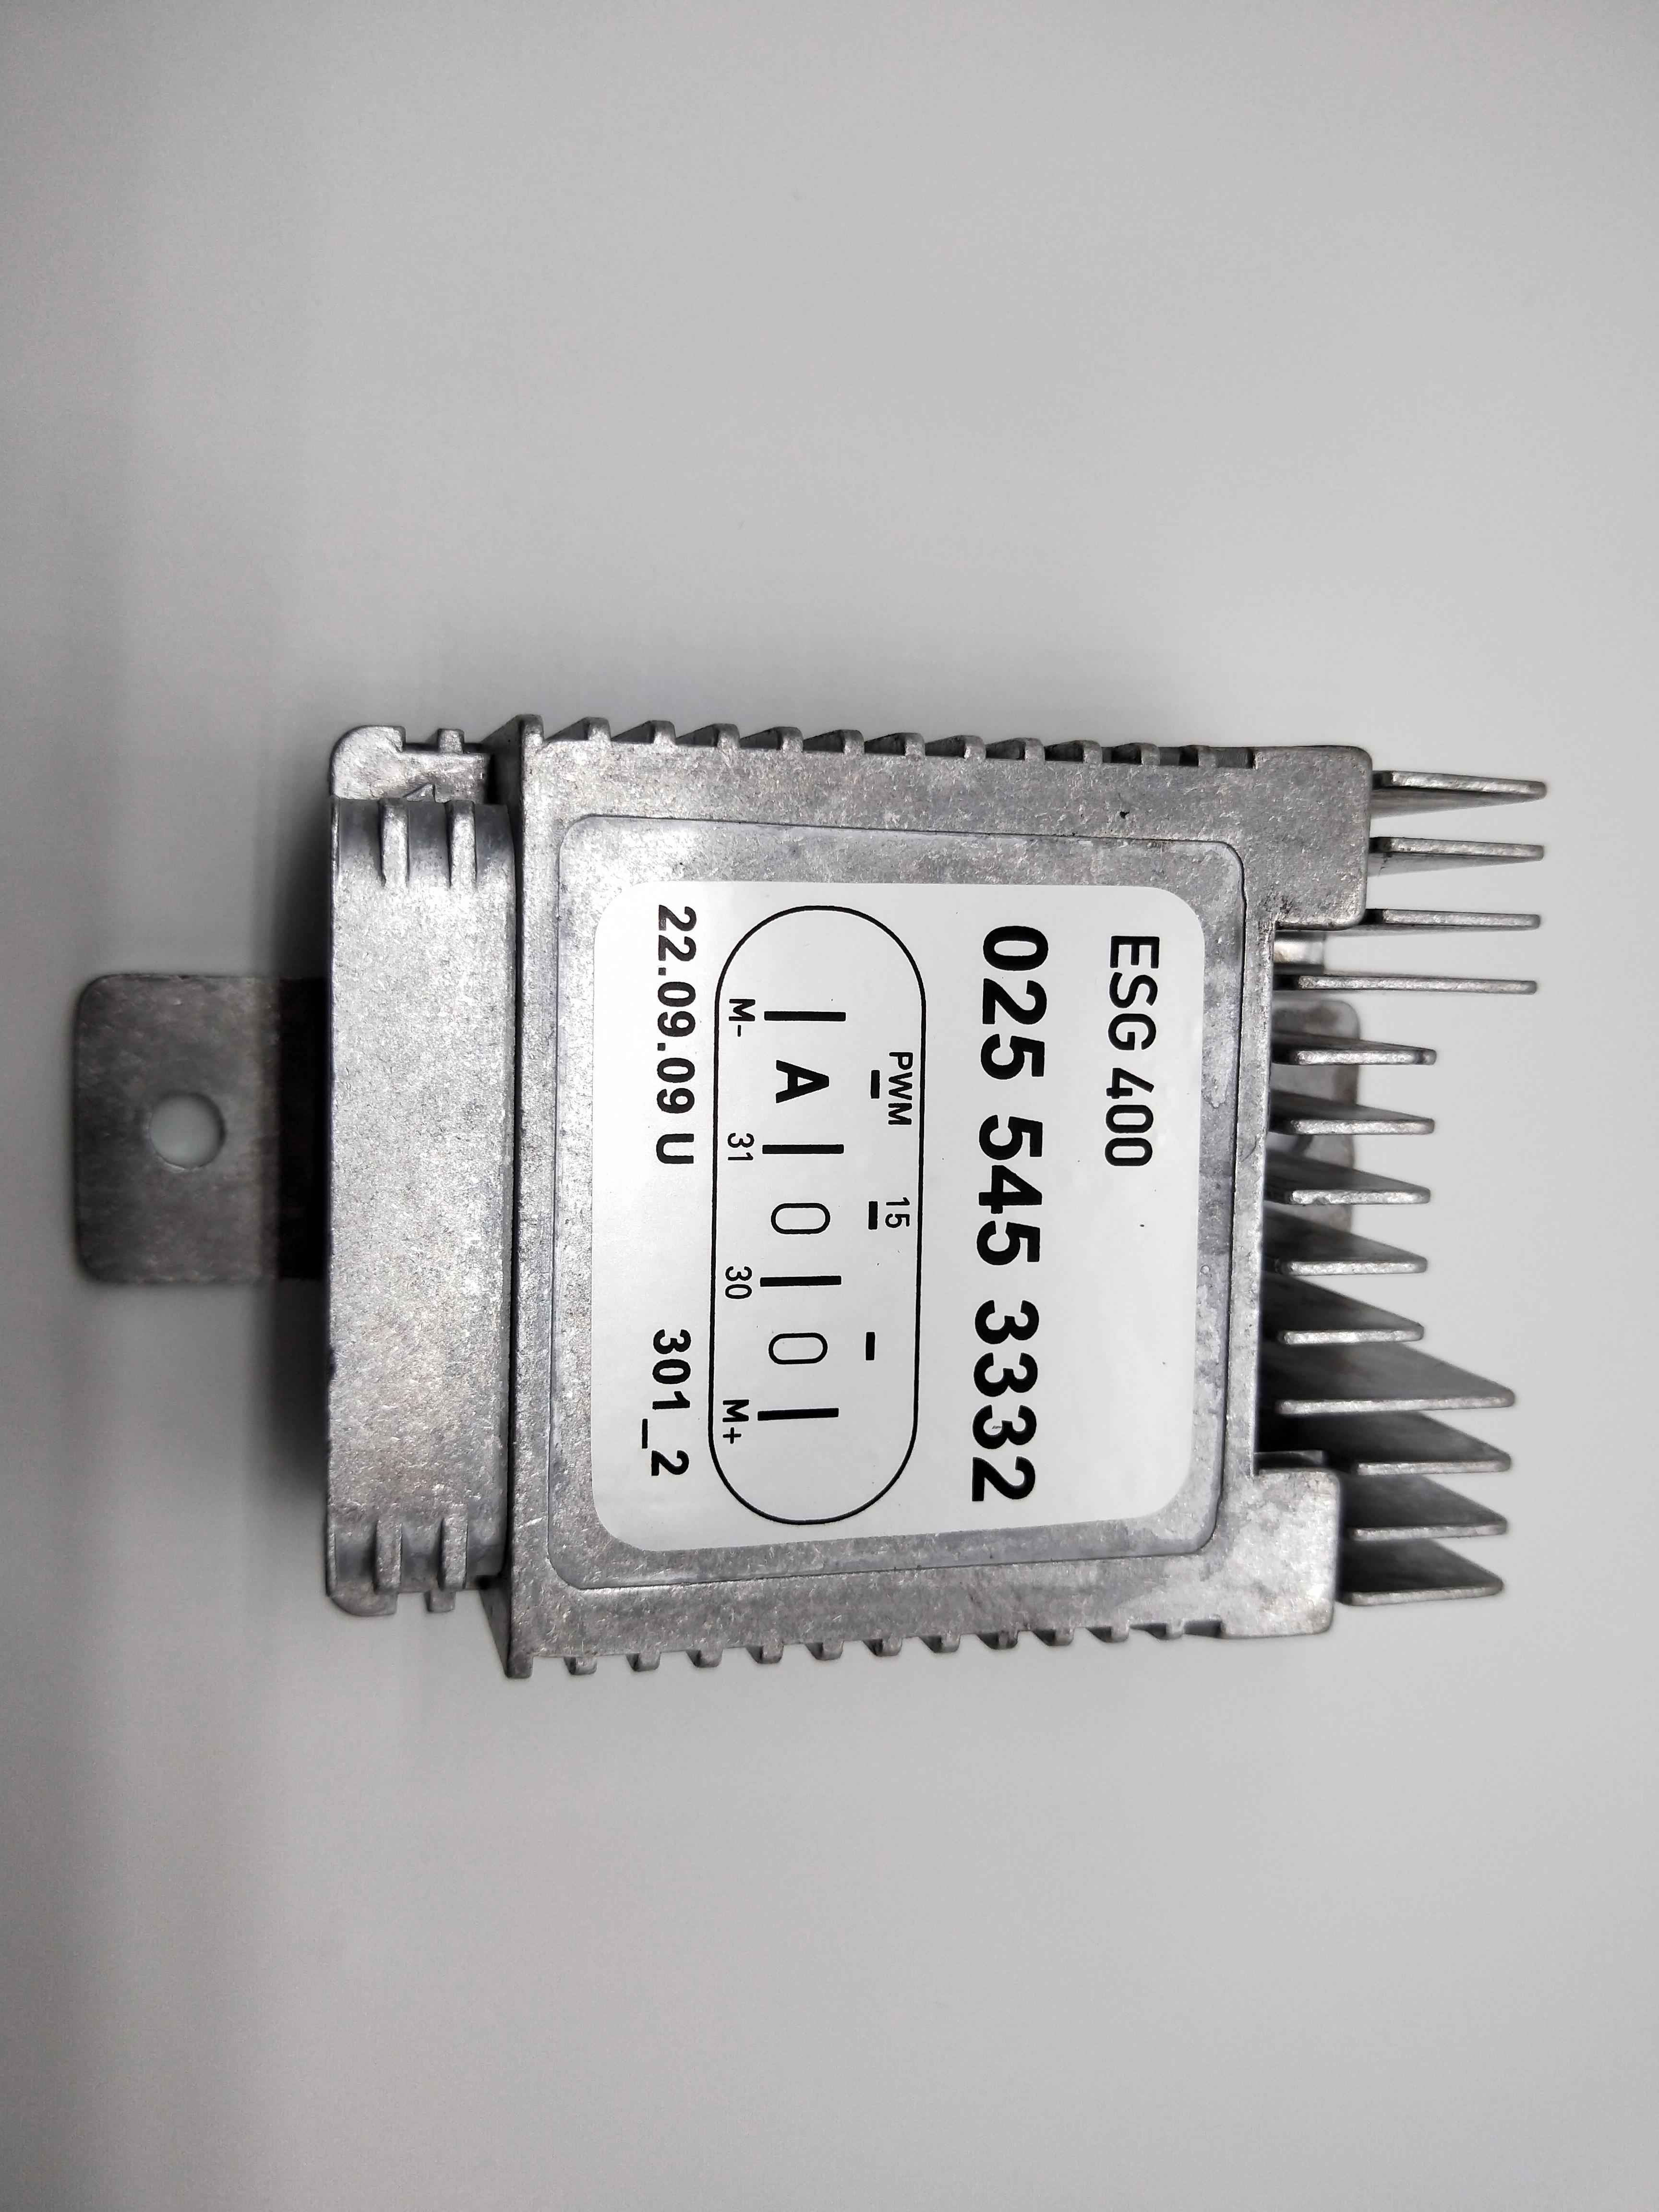 供应 奔驰 空调风机电阻 鼓风机 0275458032 0255453332